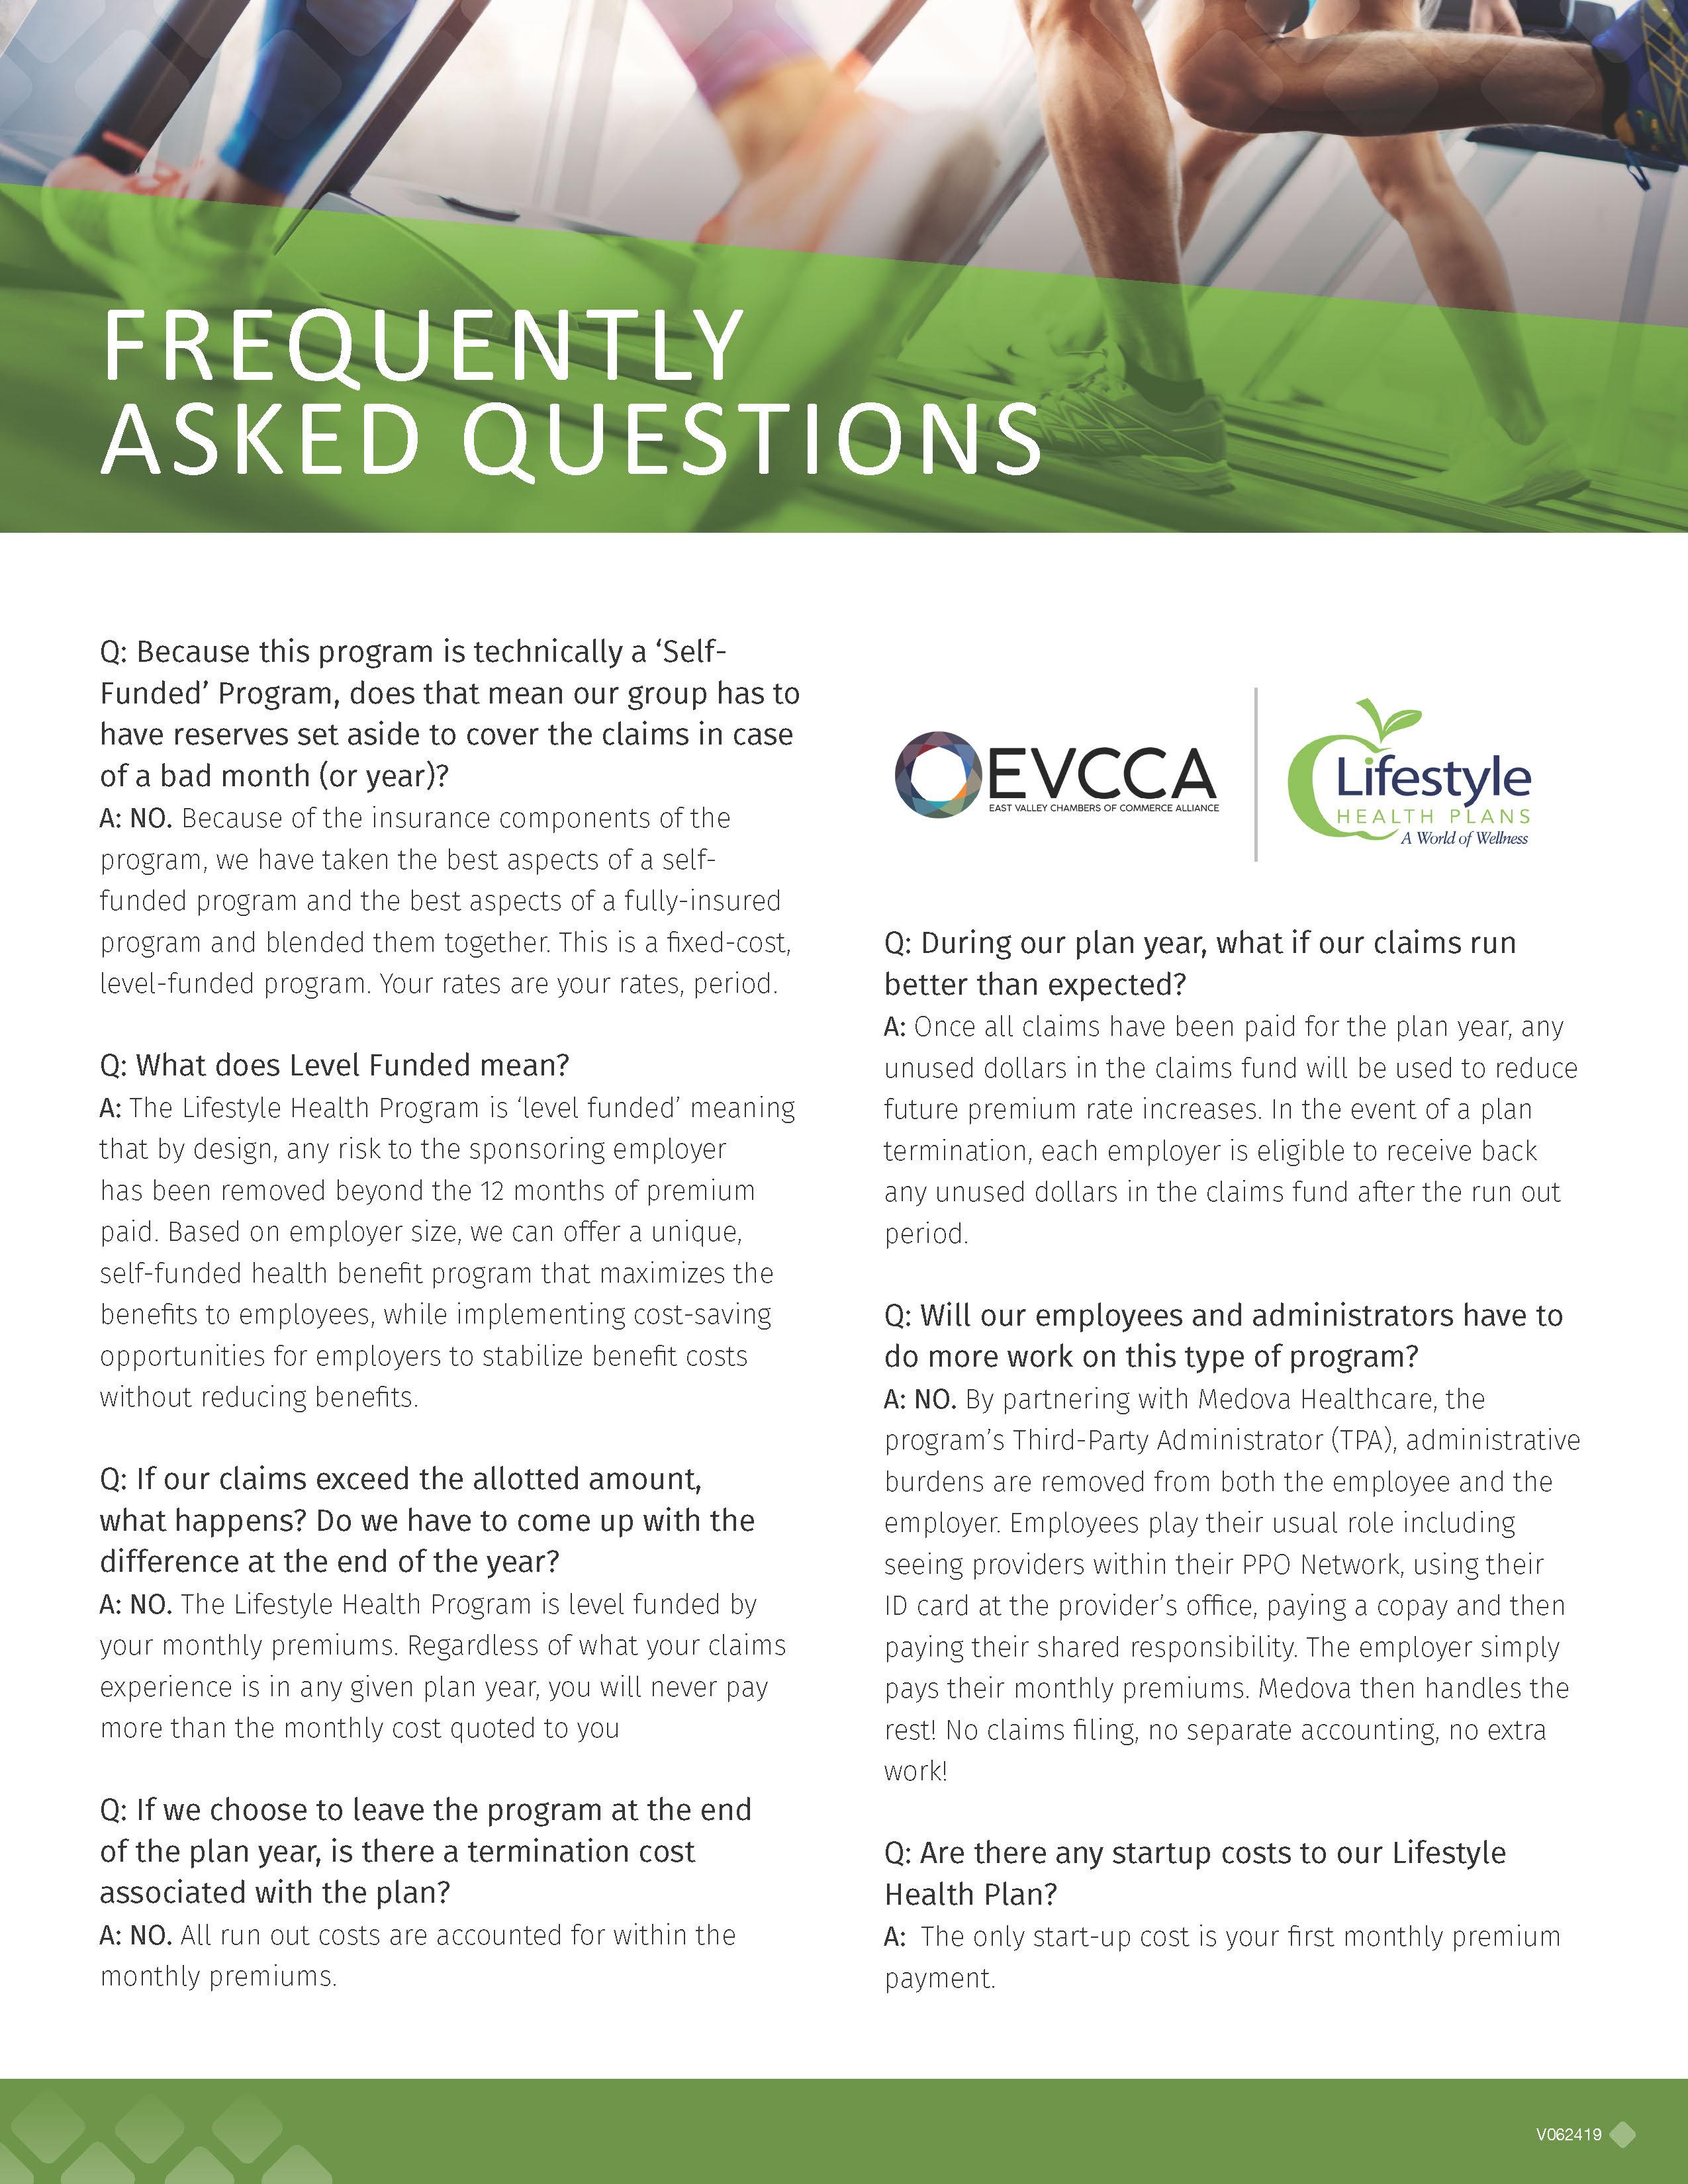 EVCCA Healthcare FAQ